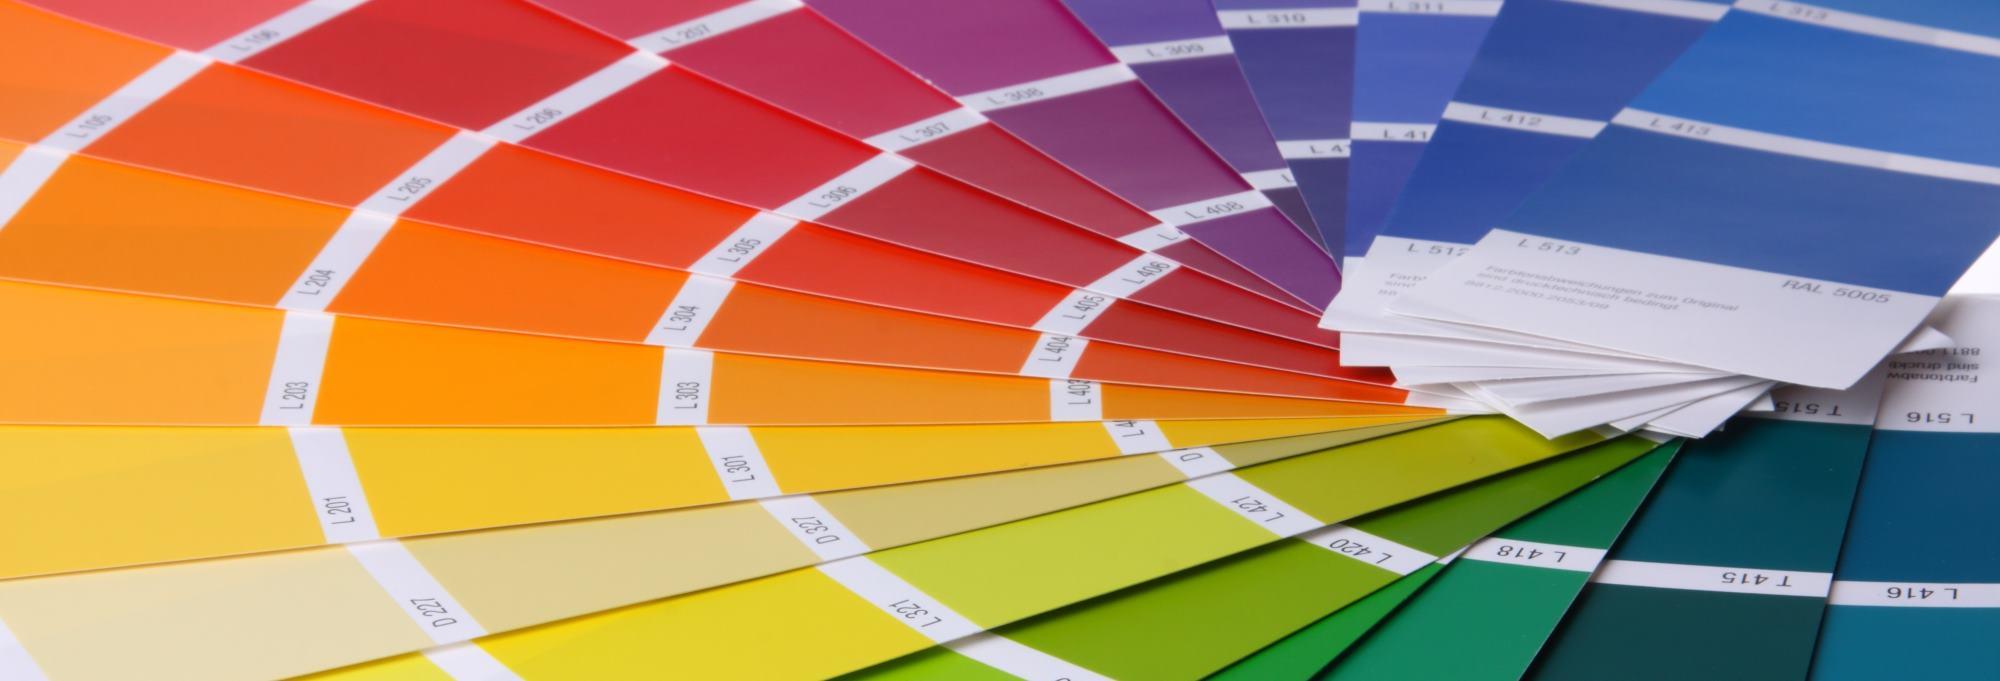 Fliegengitter und Insektenschutz in Wunschfarben